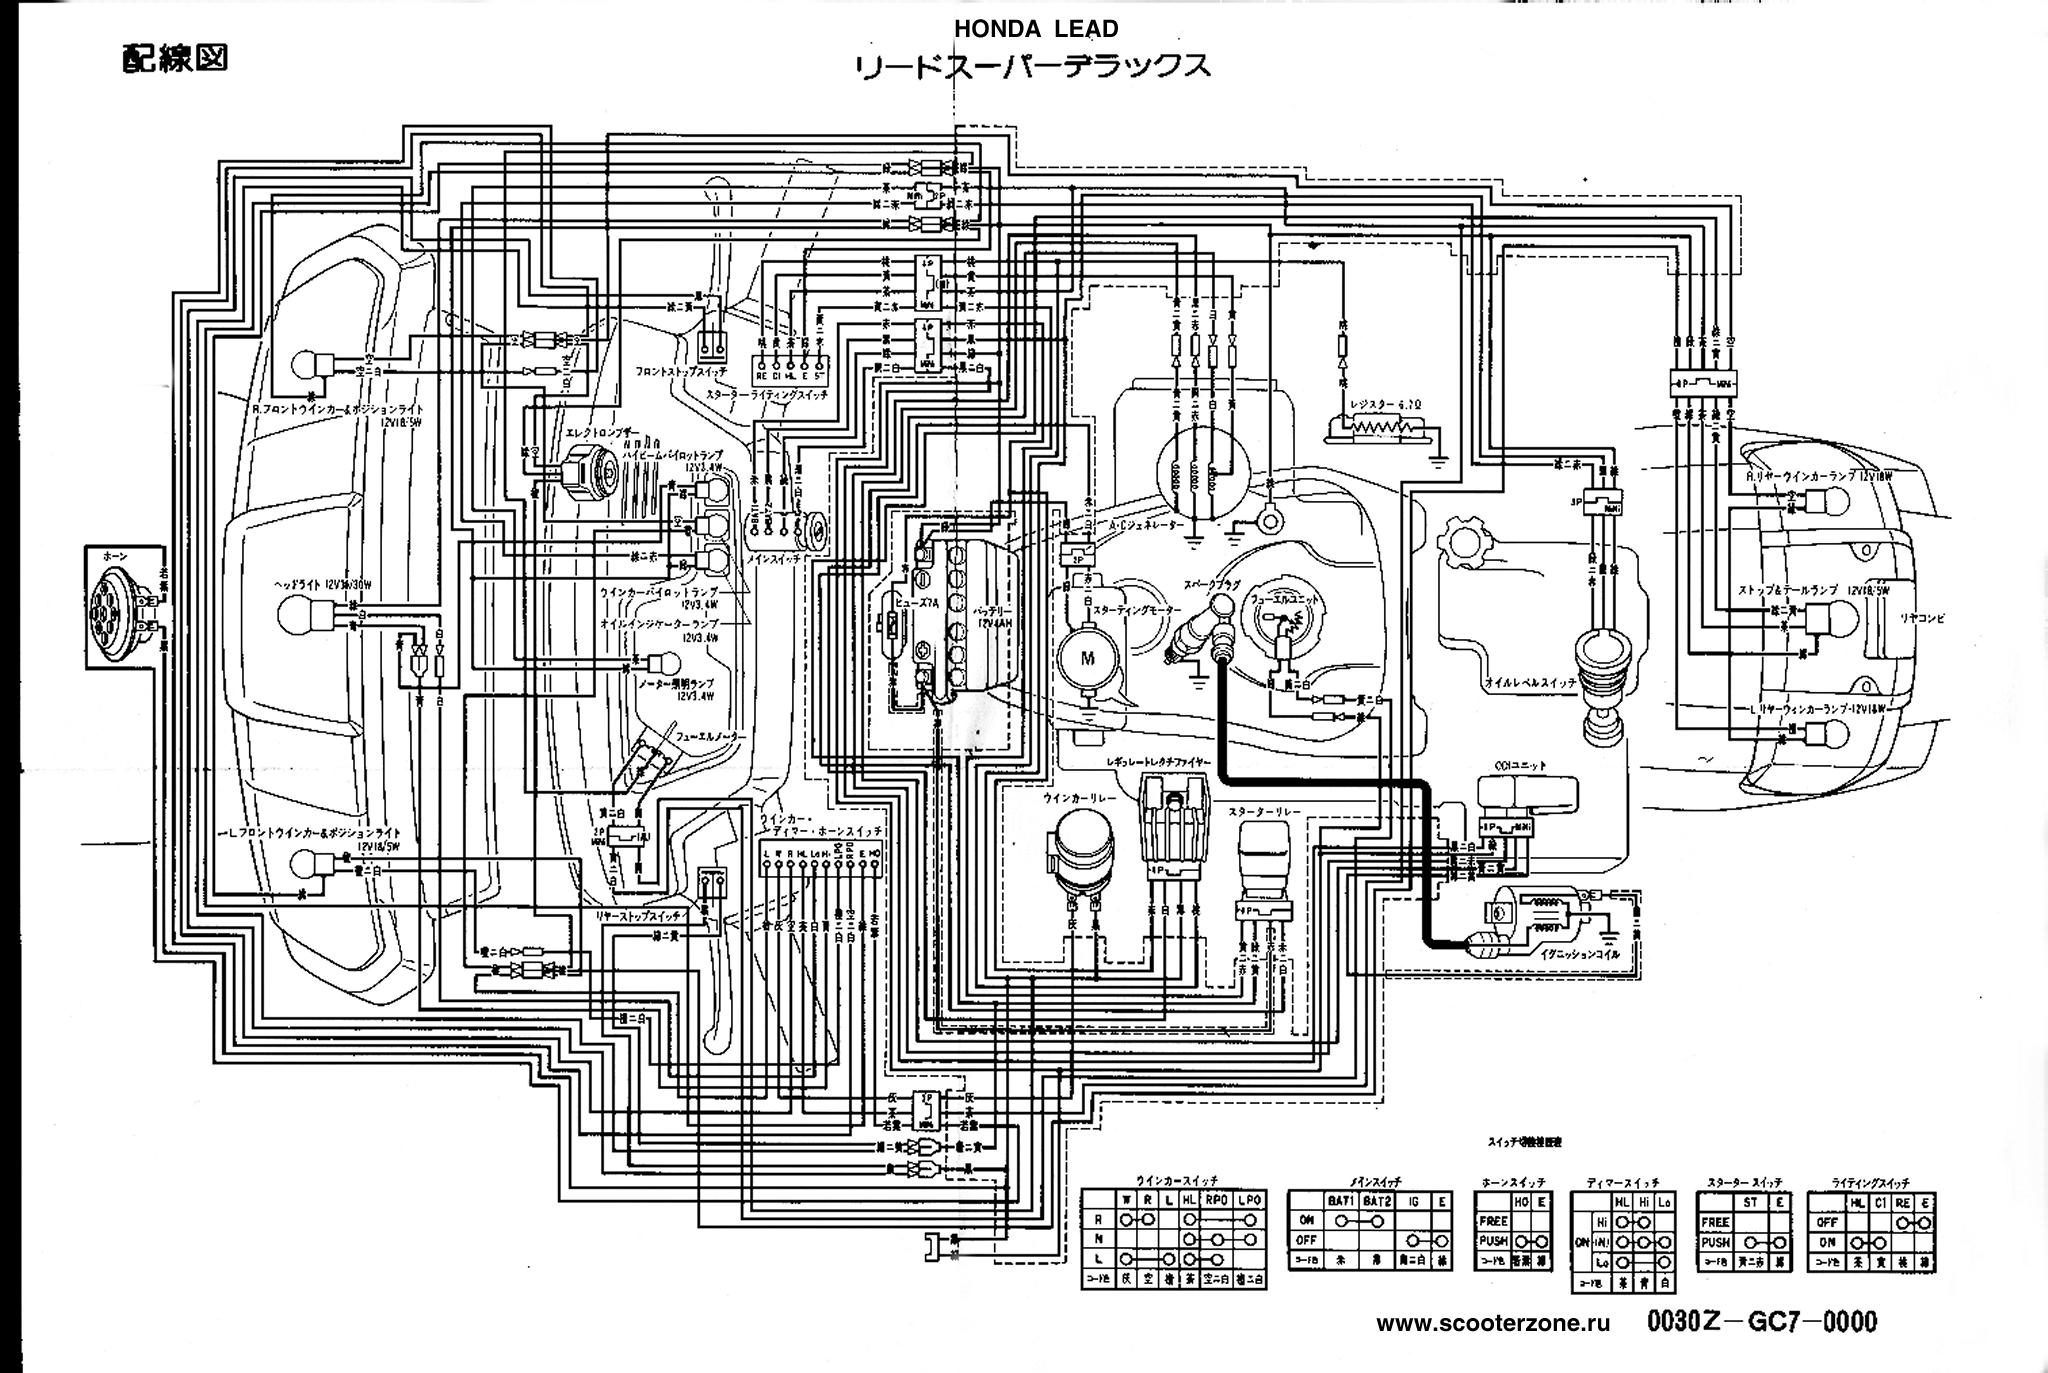 схема электрооборудования хонда леад фото настоящее время данному